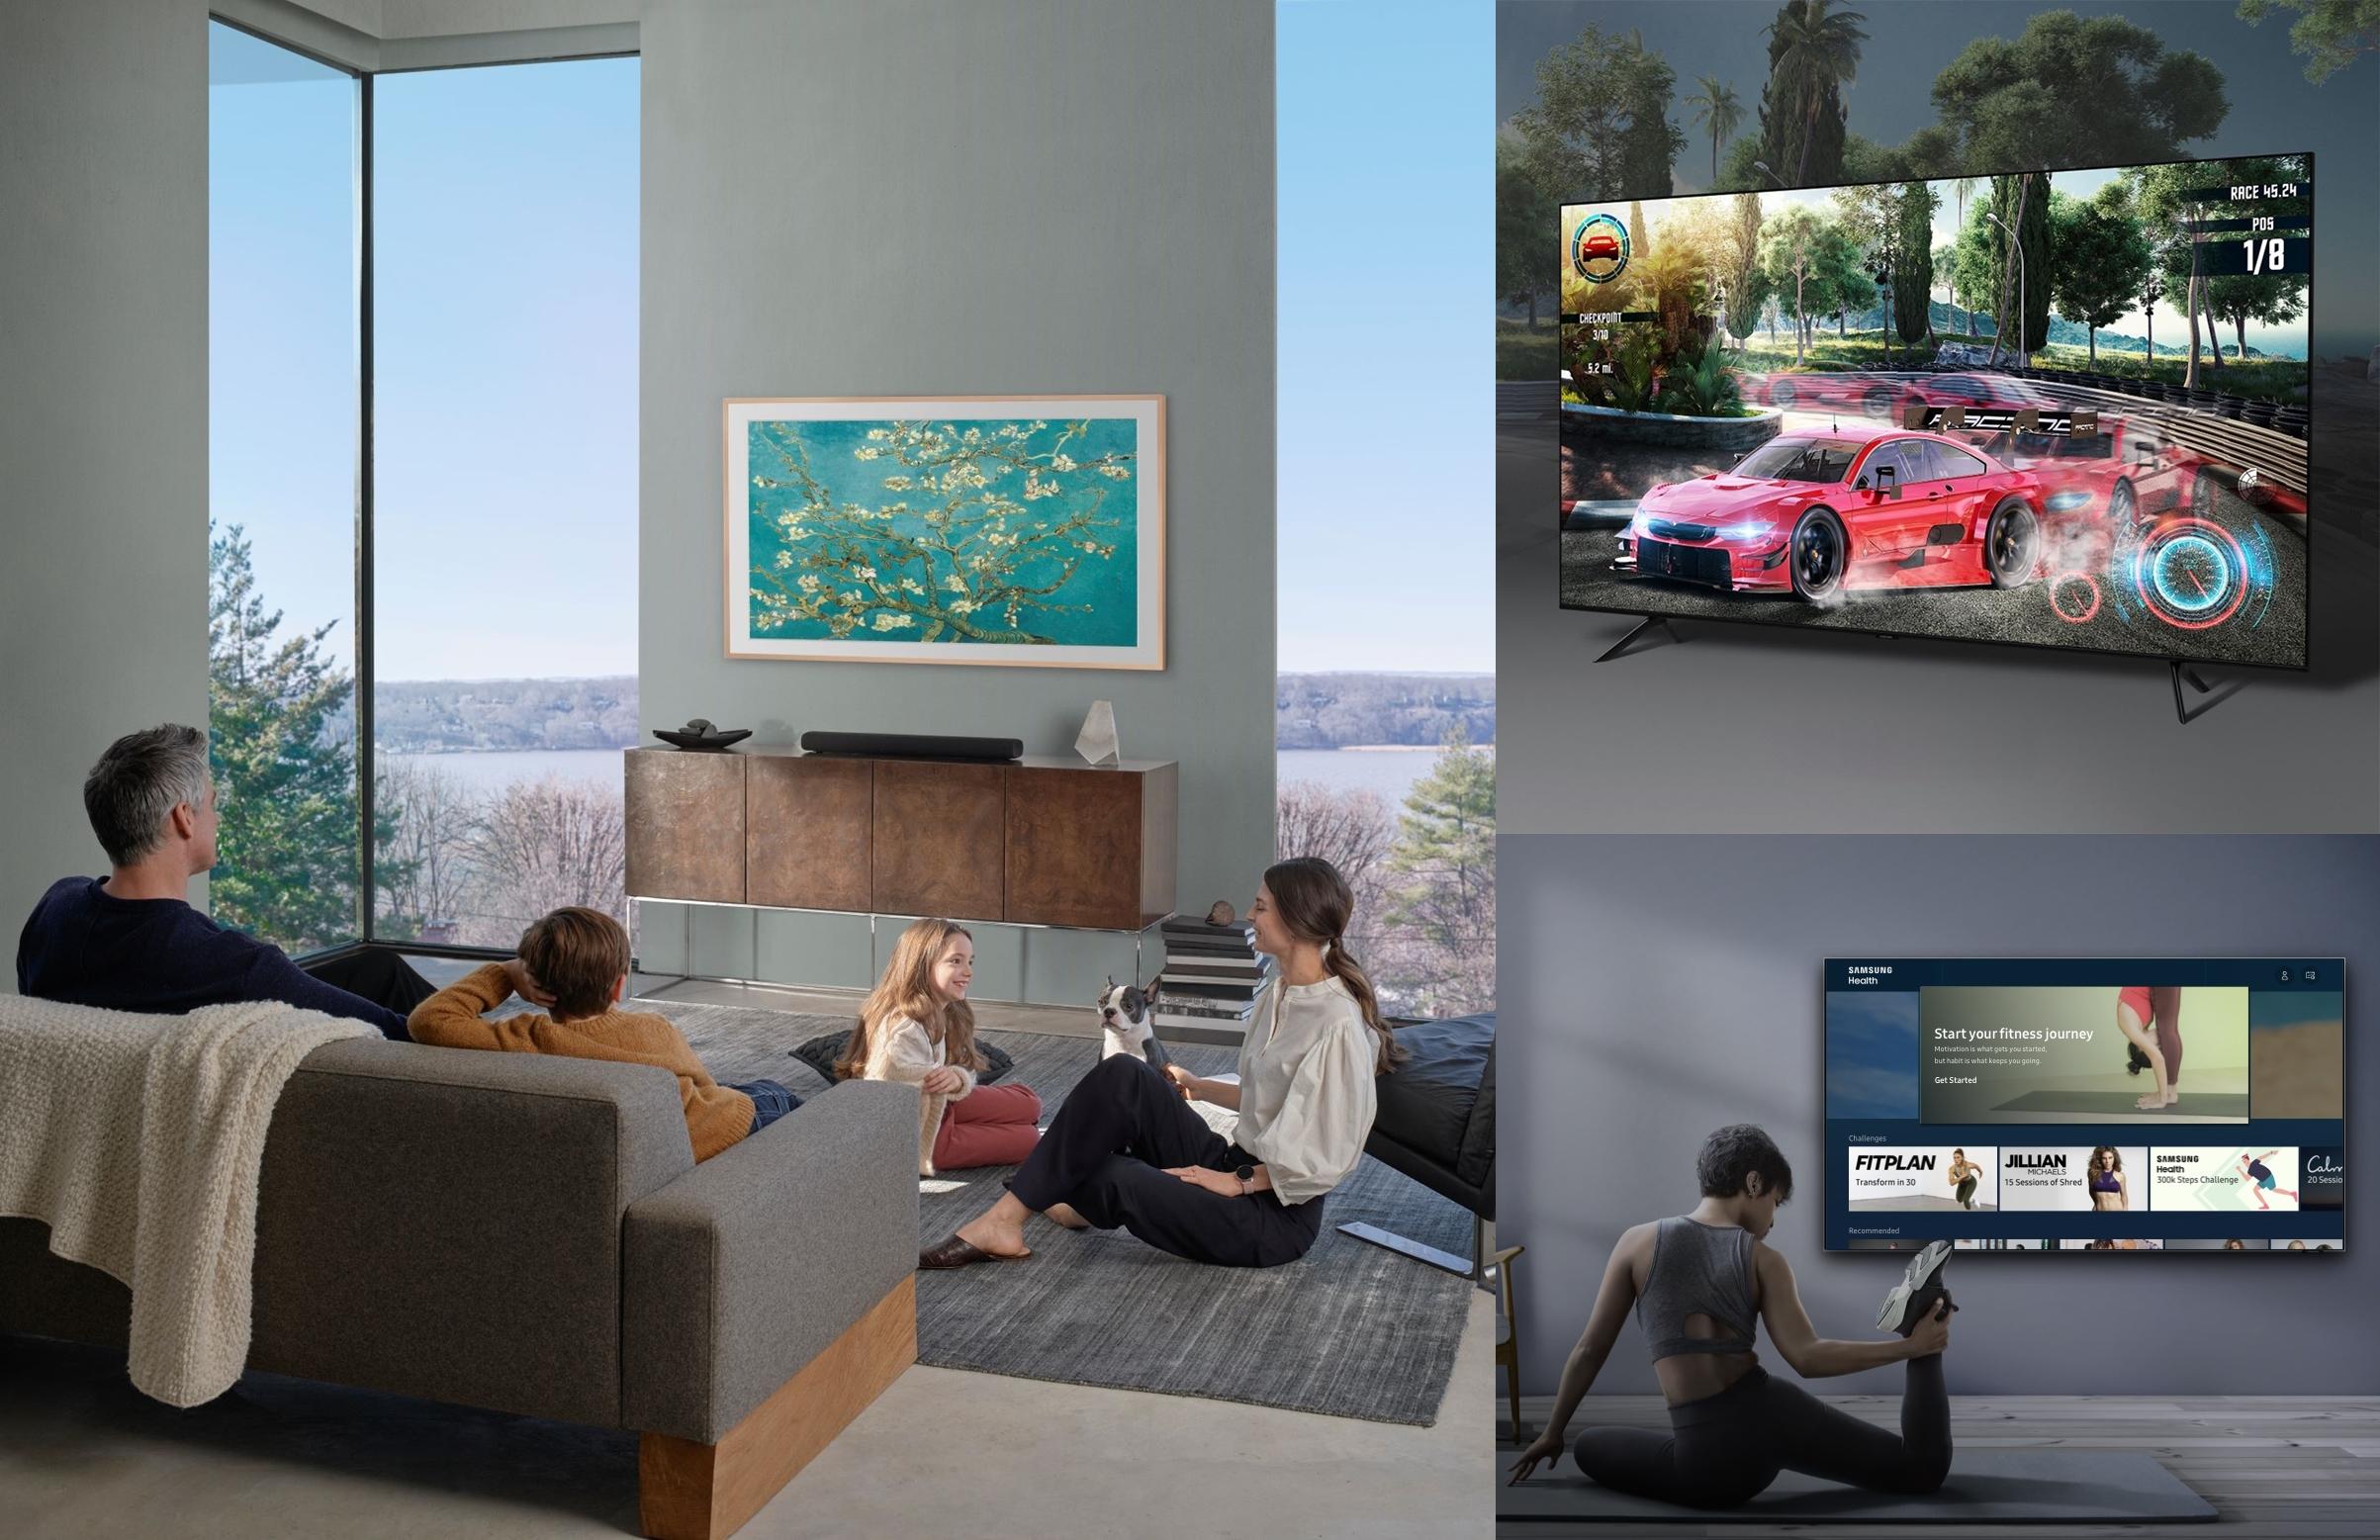 ▲ 예술, 피트니스, 게임 등 삼성 스마트TV 플랫폼의 다양한 라이프스타일 서비스